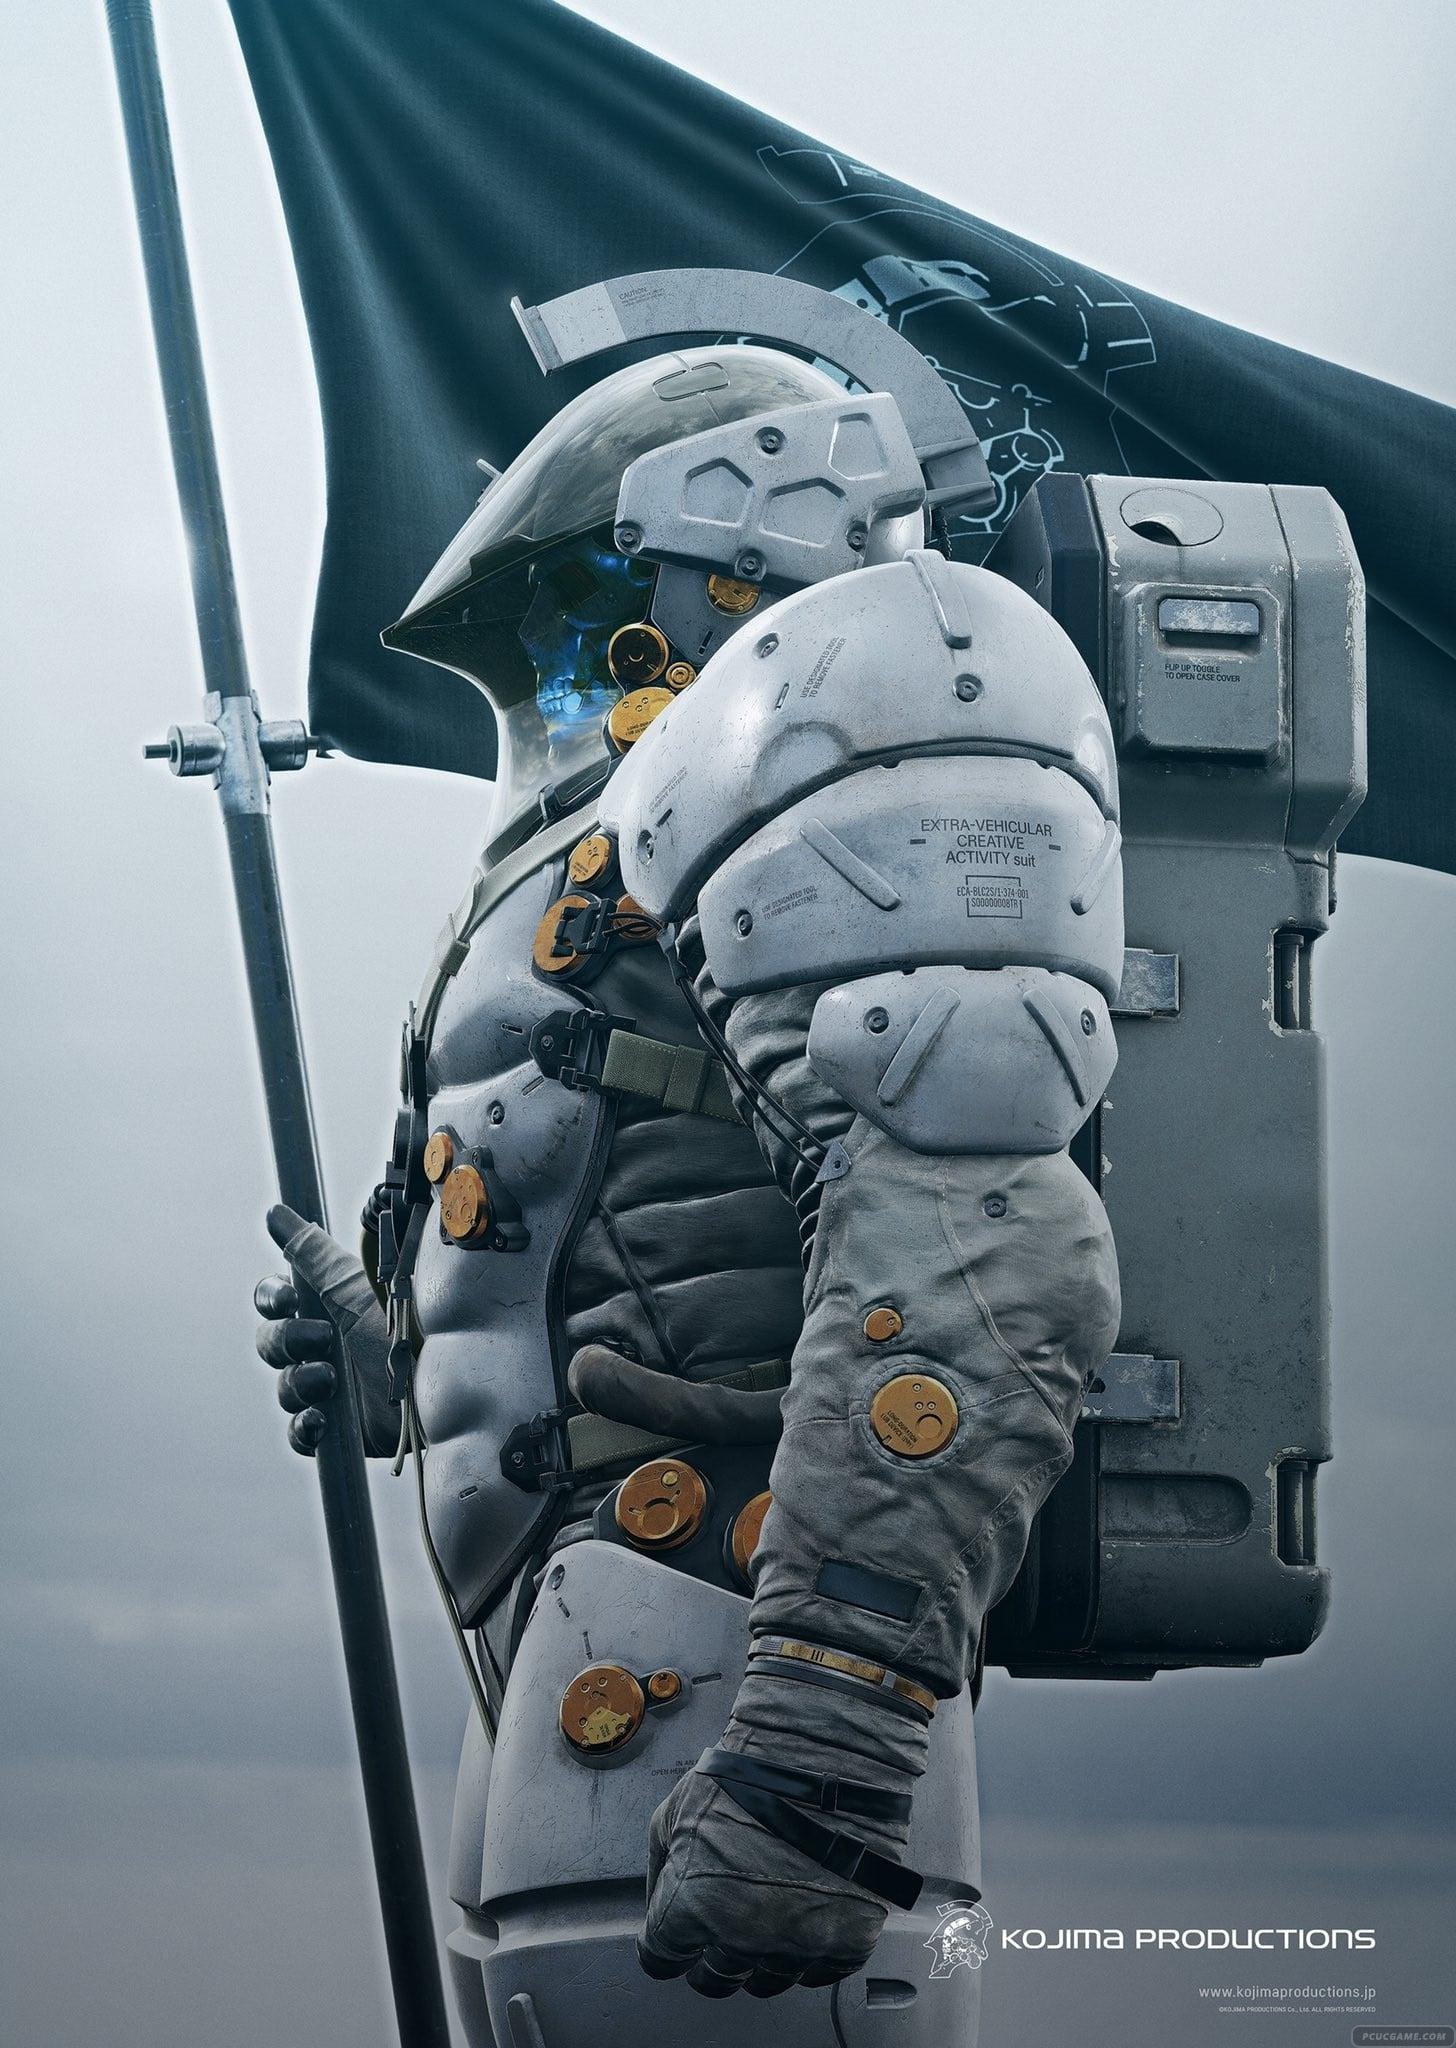 小島秀夫稱日本遊戲廠商如同軍隊 新團隊效仿歐美開放風